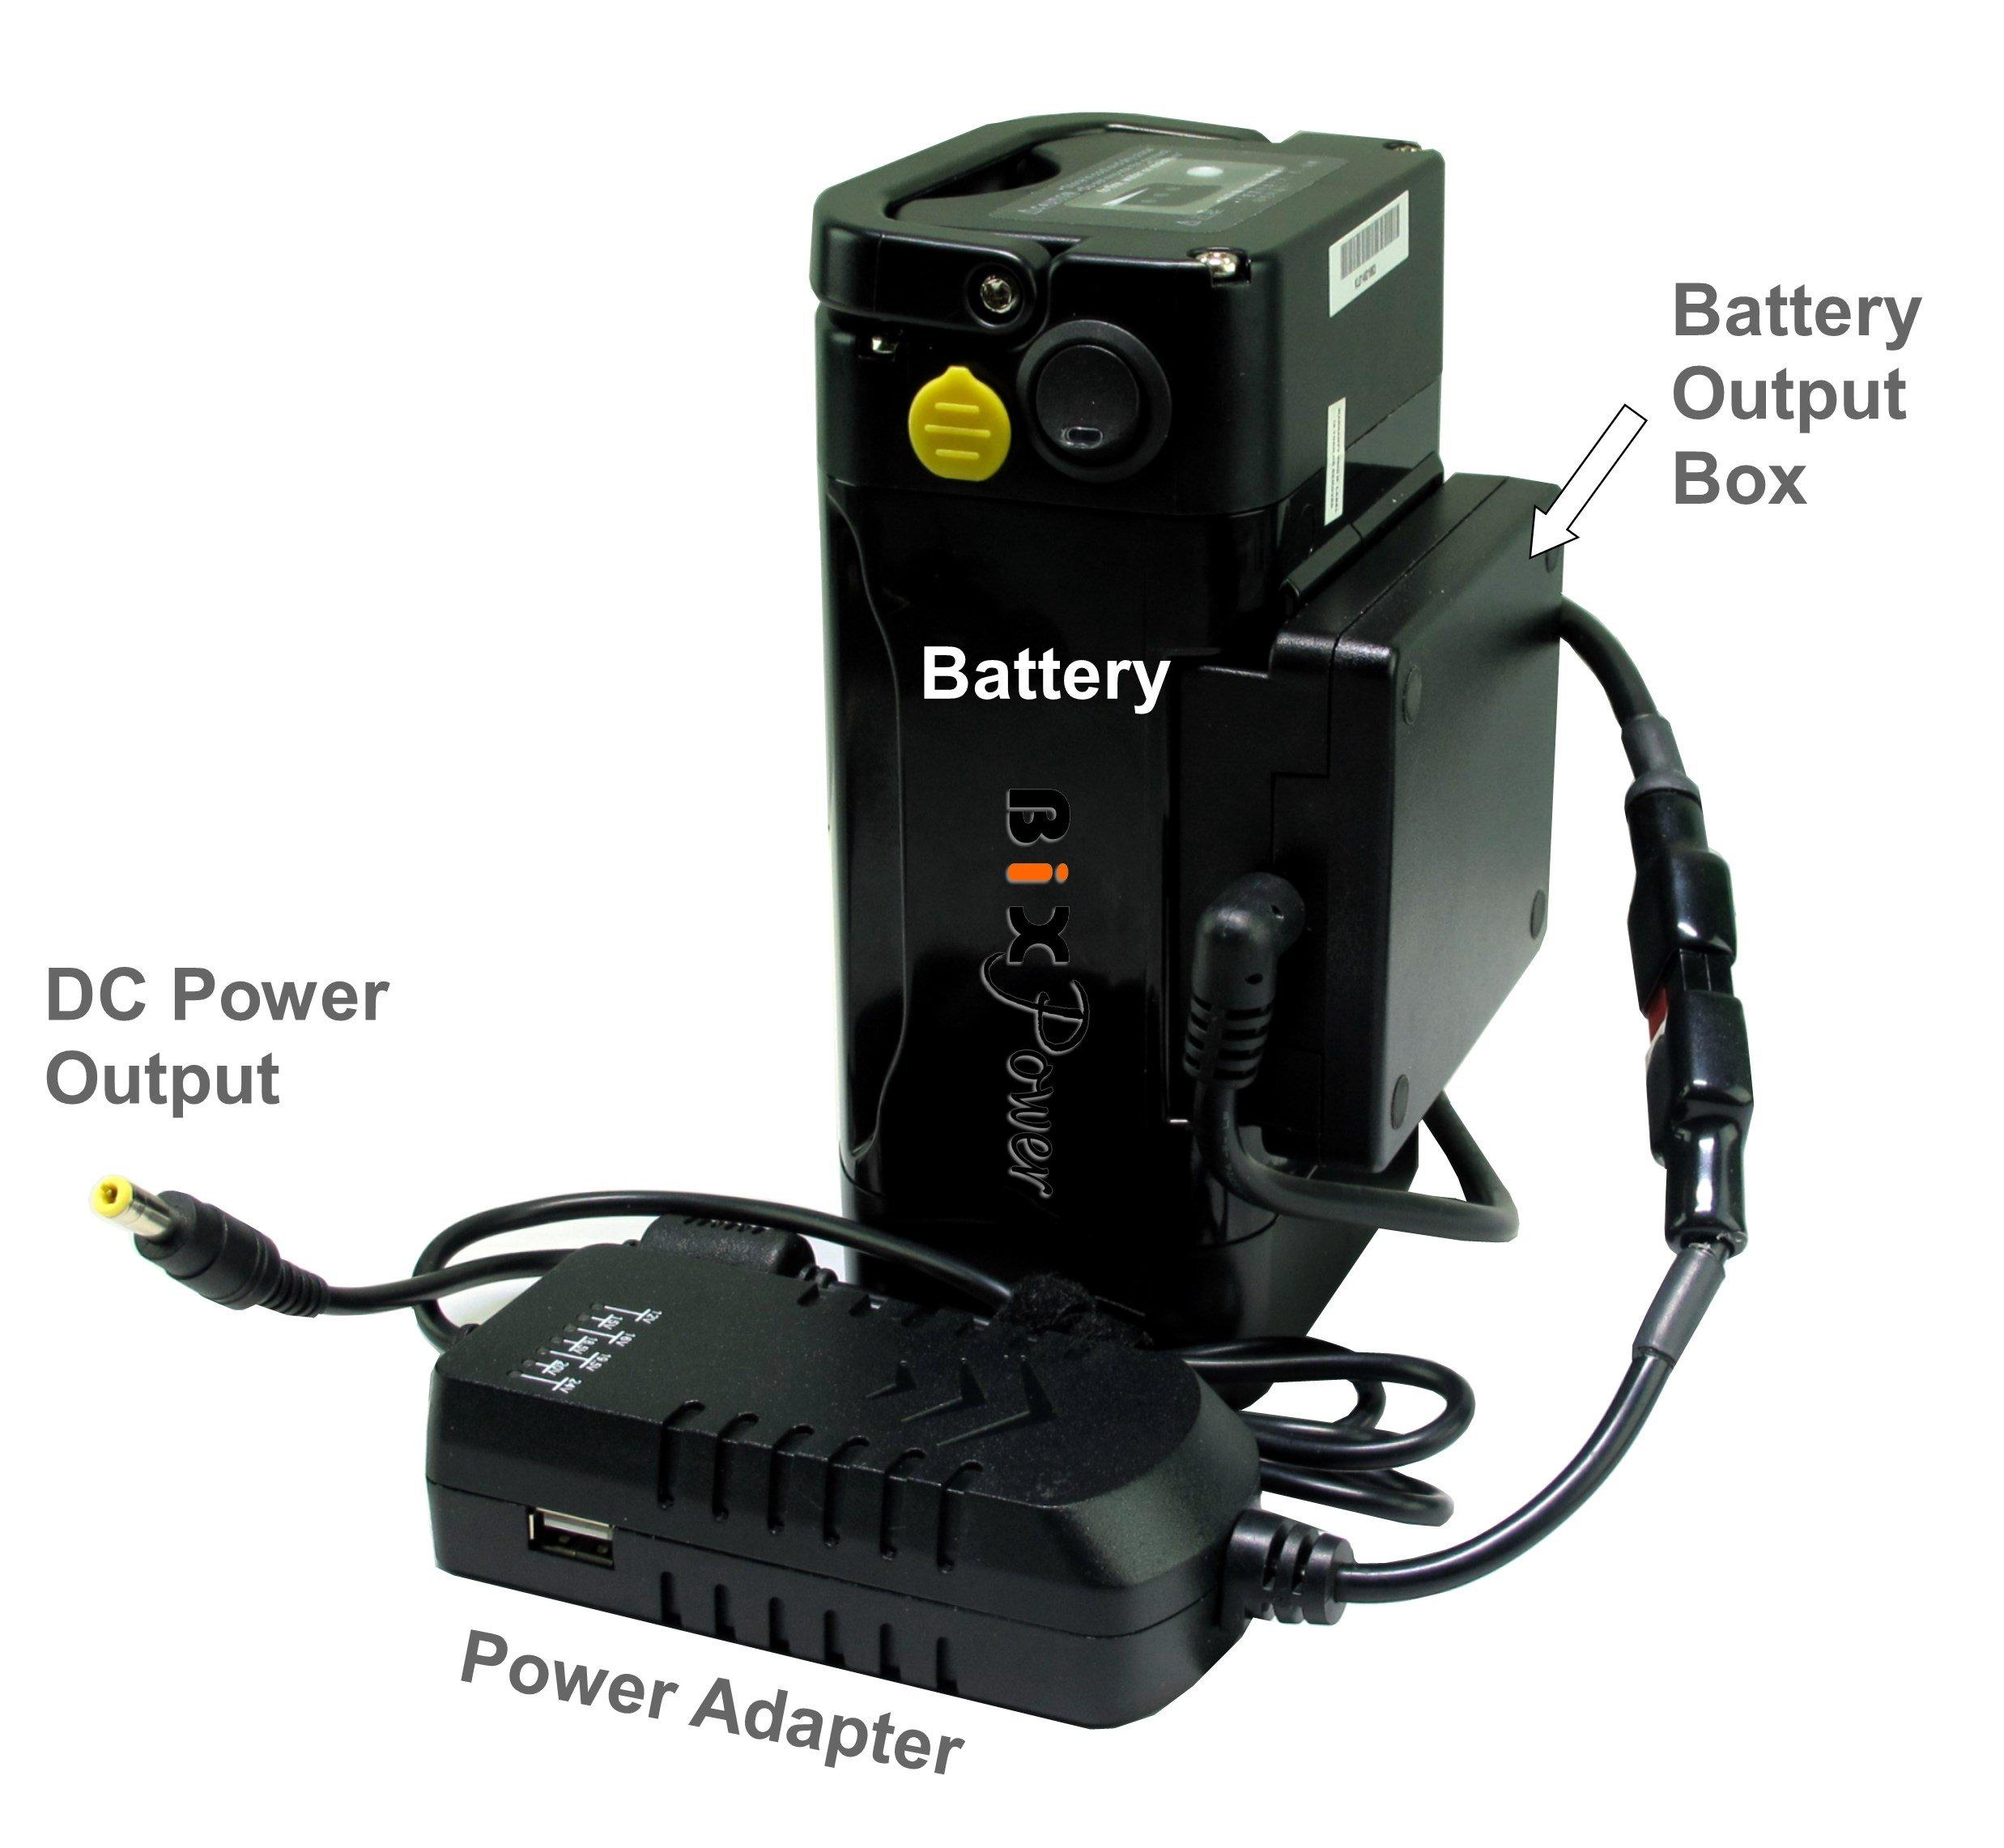 BiXPower MP330DC Battery Pack - Super Capacity 336 Watt-hour Light Weight Battery with Multi Output Voltages (12v/15v/16v/18v/19v/24v) Power Converter Combo Kit